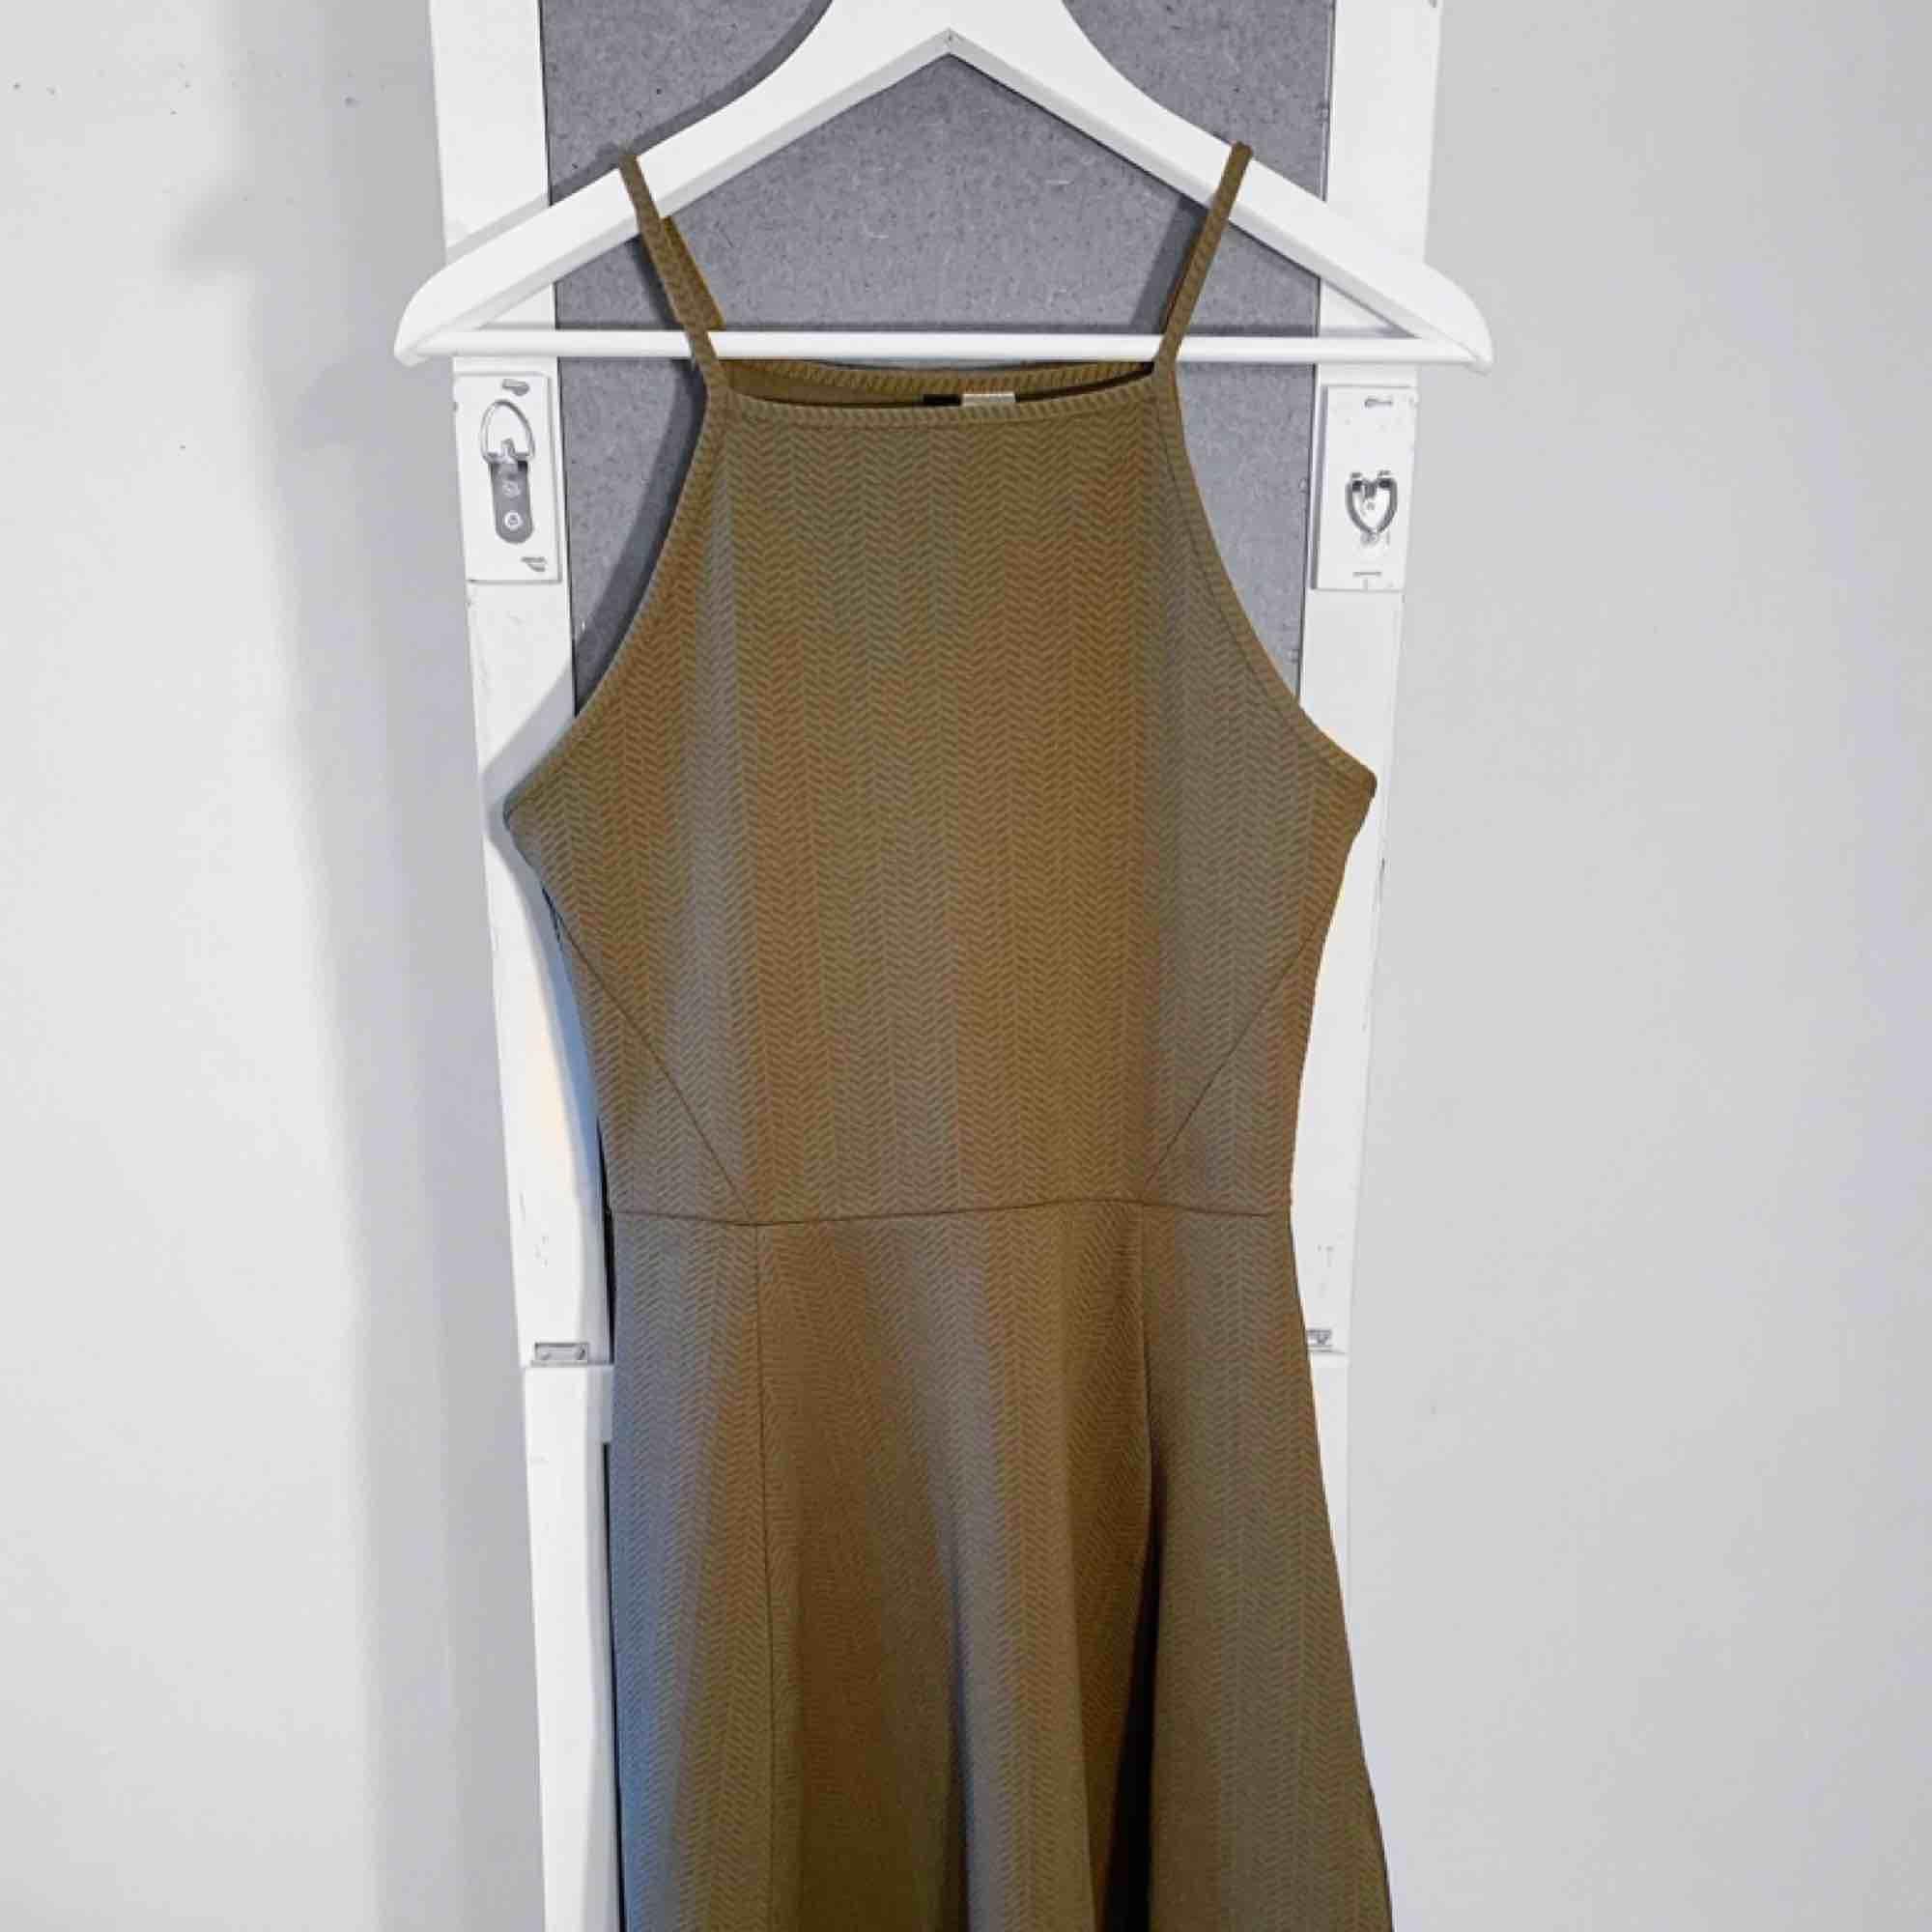 Grön klänning från HM i nyskick, storlek 38. Frakt kostar 36kr extra, postar med videobevis/bildbevis. Jag garanterar en snabb pålitlig affär!✨ ✖️Fraktar endast✖️. Klänningar.